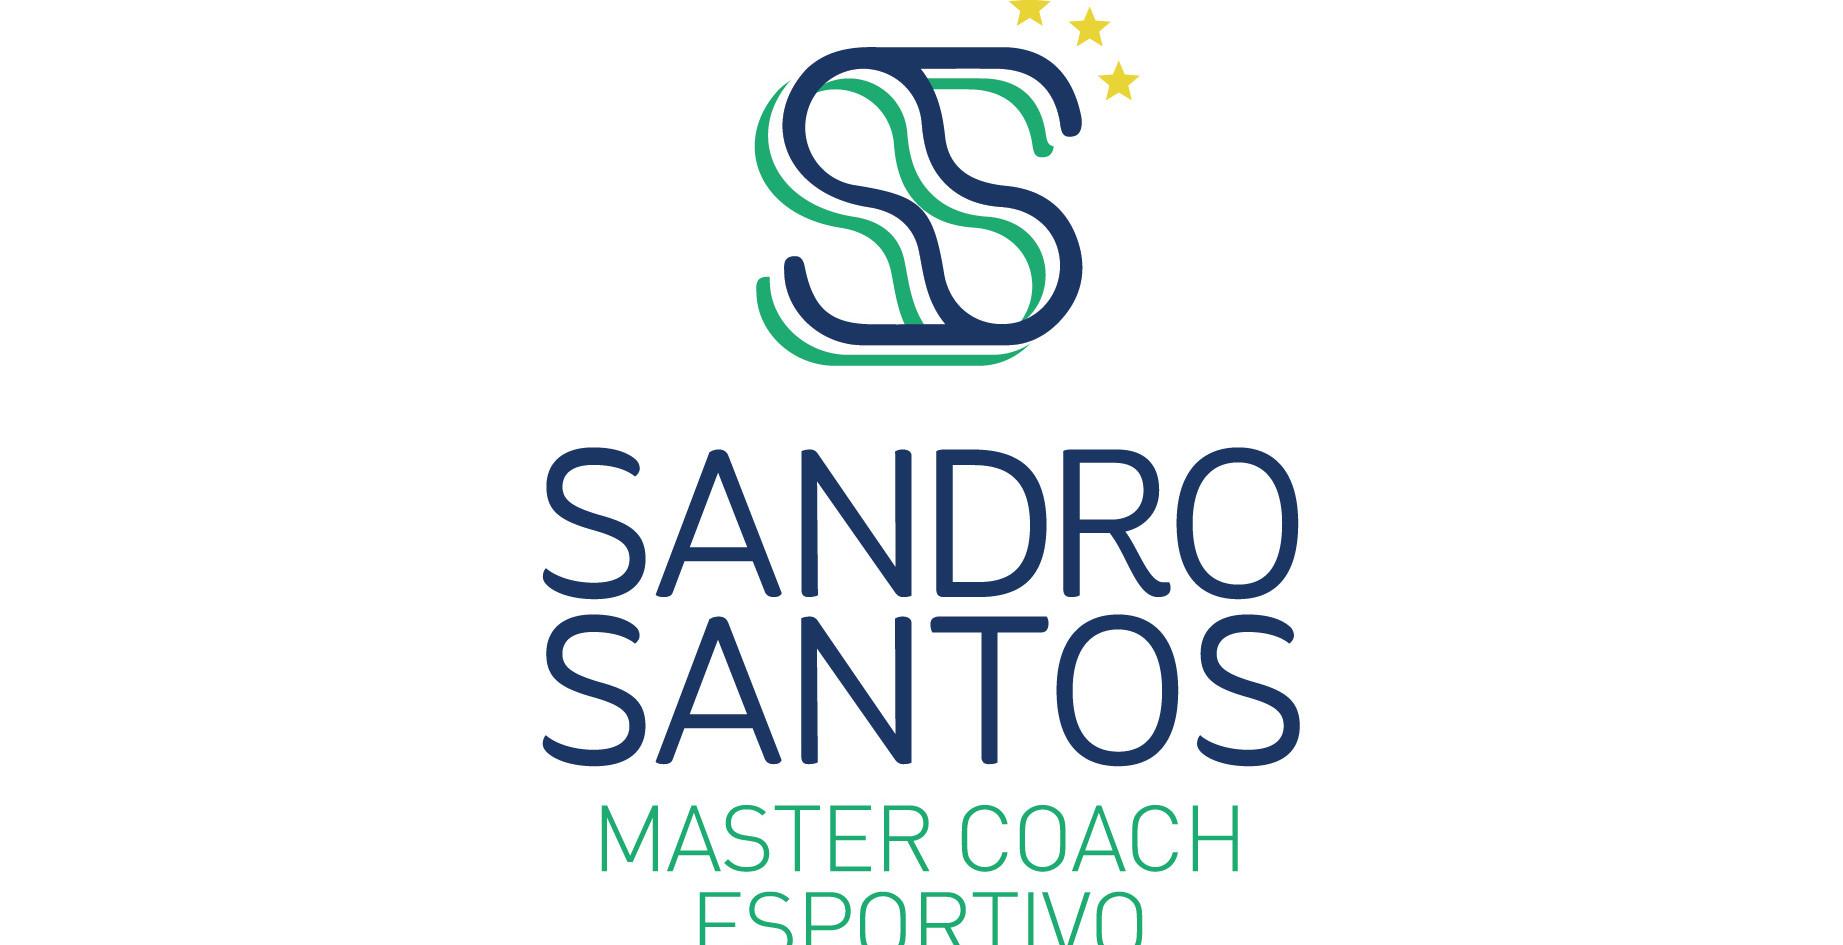 Sandro Santos Master Coach Esportivo